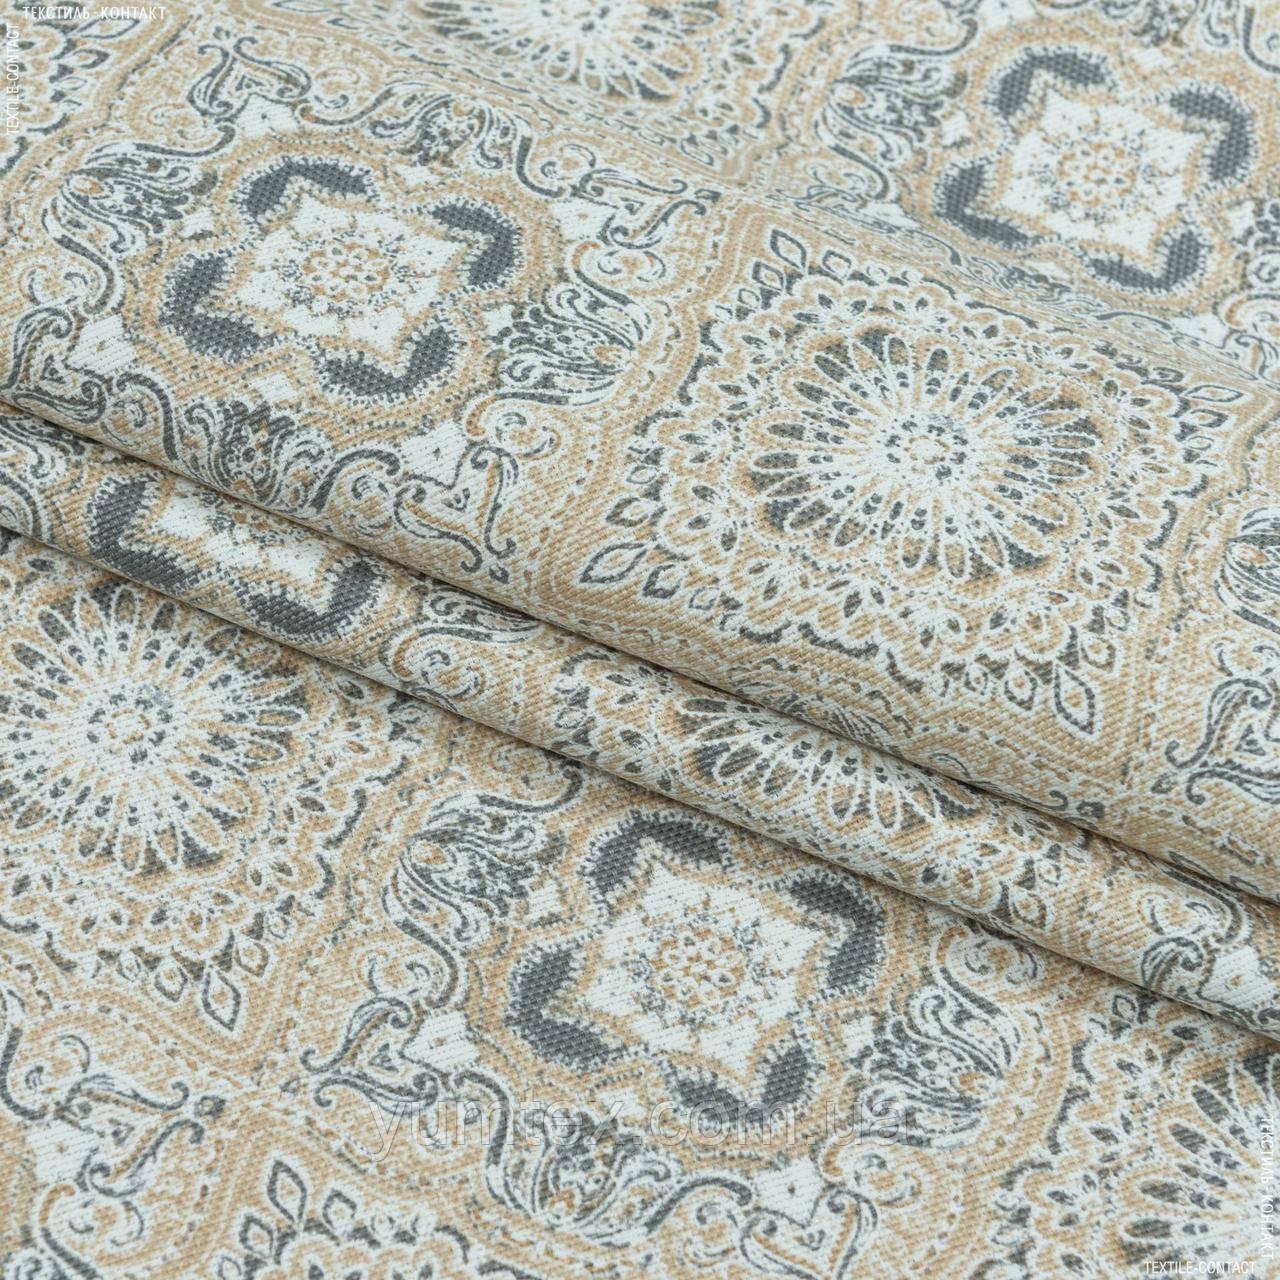 Декоративна тканина панама сорен/ soren ромб-ажур,беж,сірий 148975